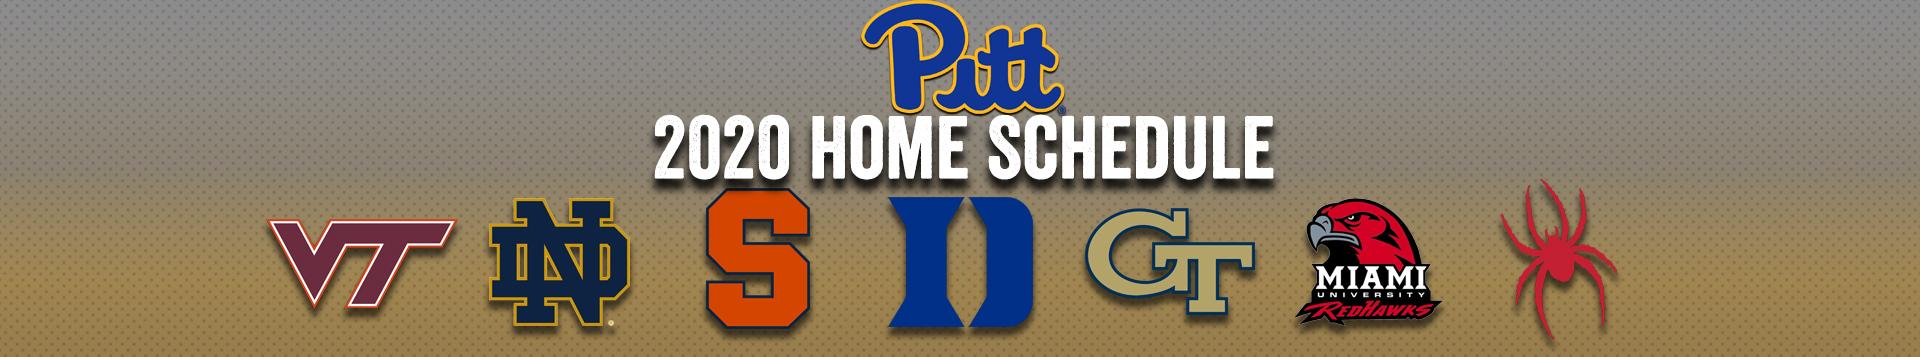 2020 Pitt Football Schedule